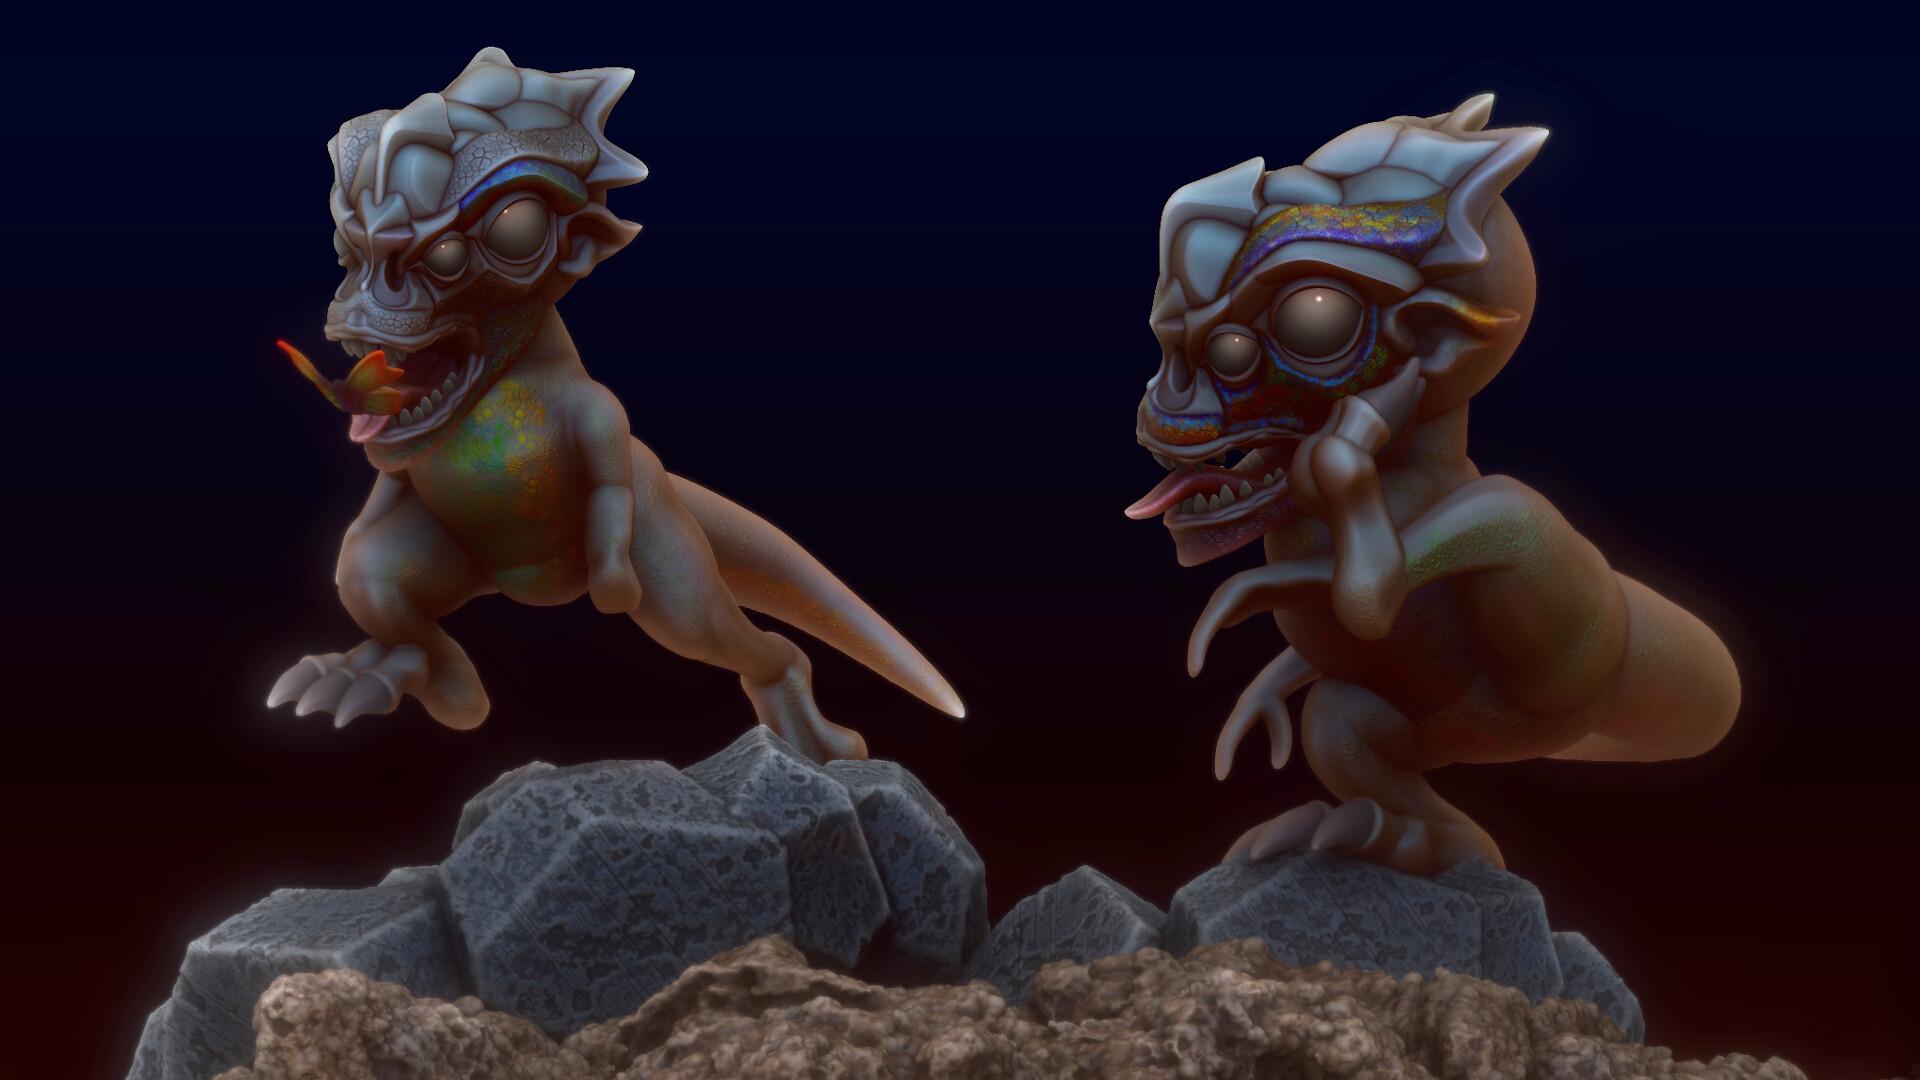 gareth-sibson-cute-dino-aliens-2